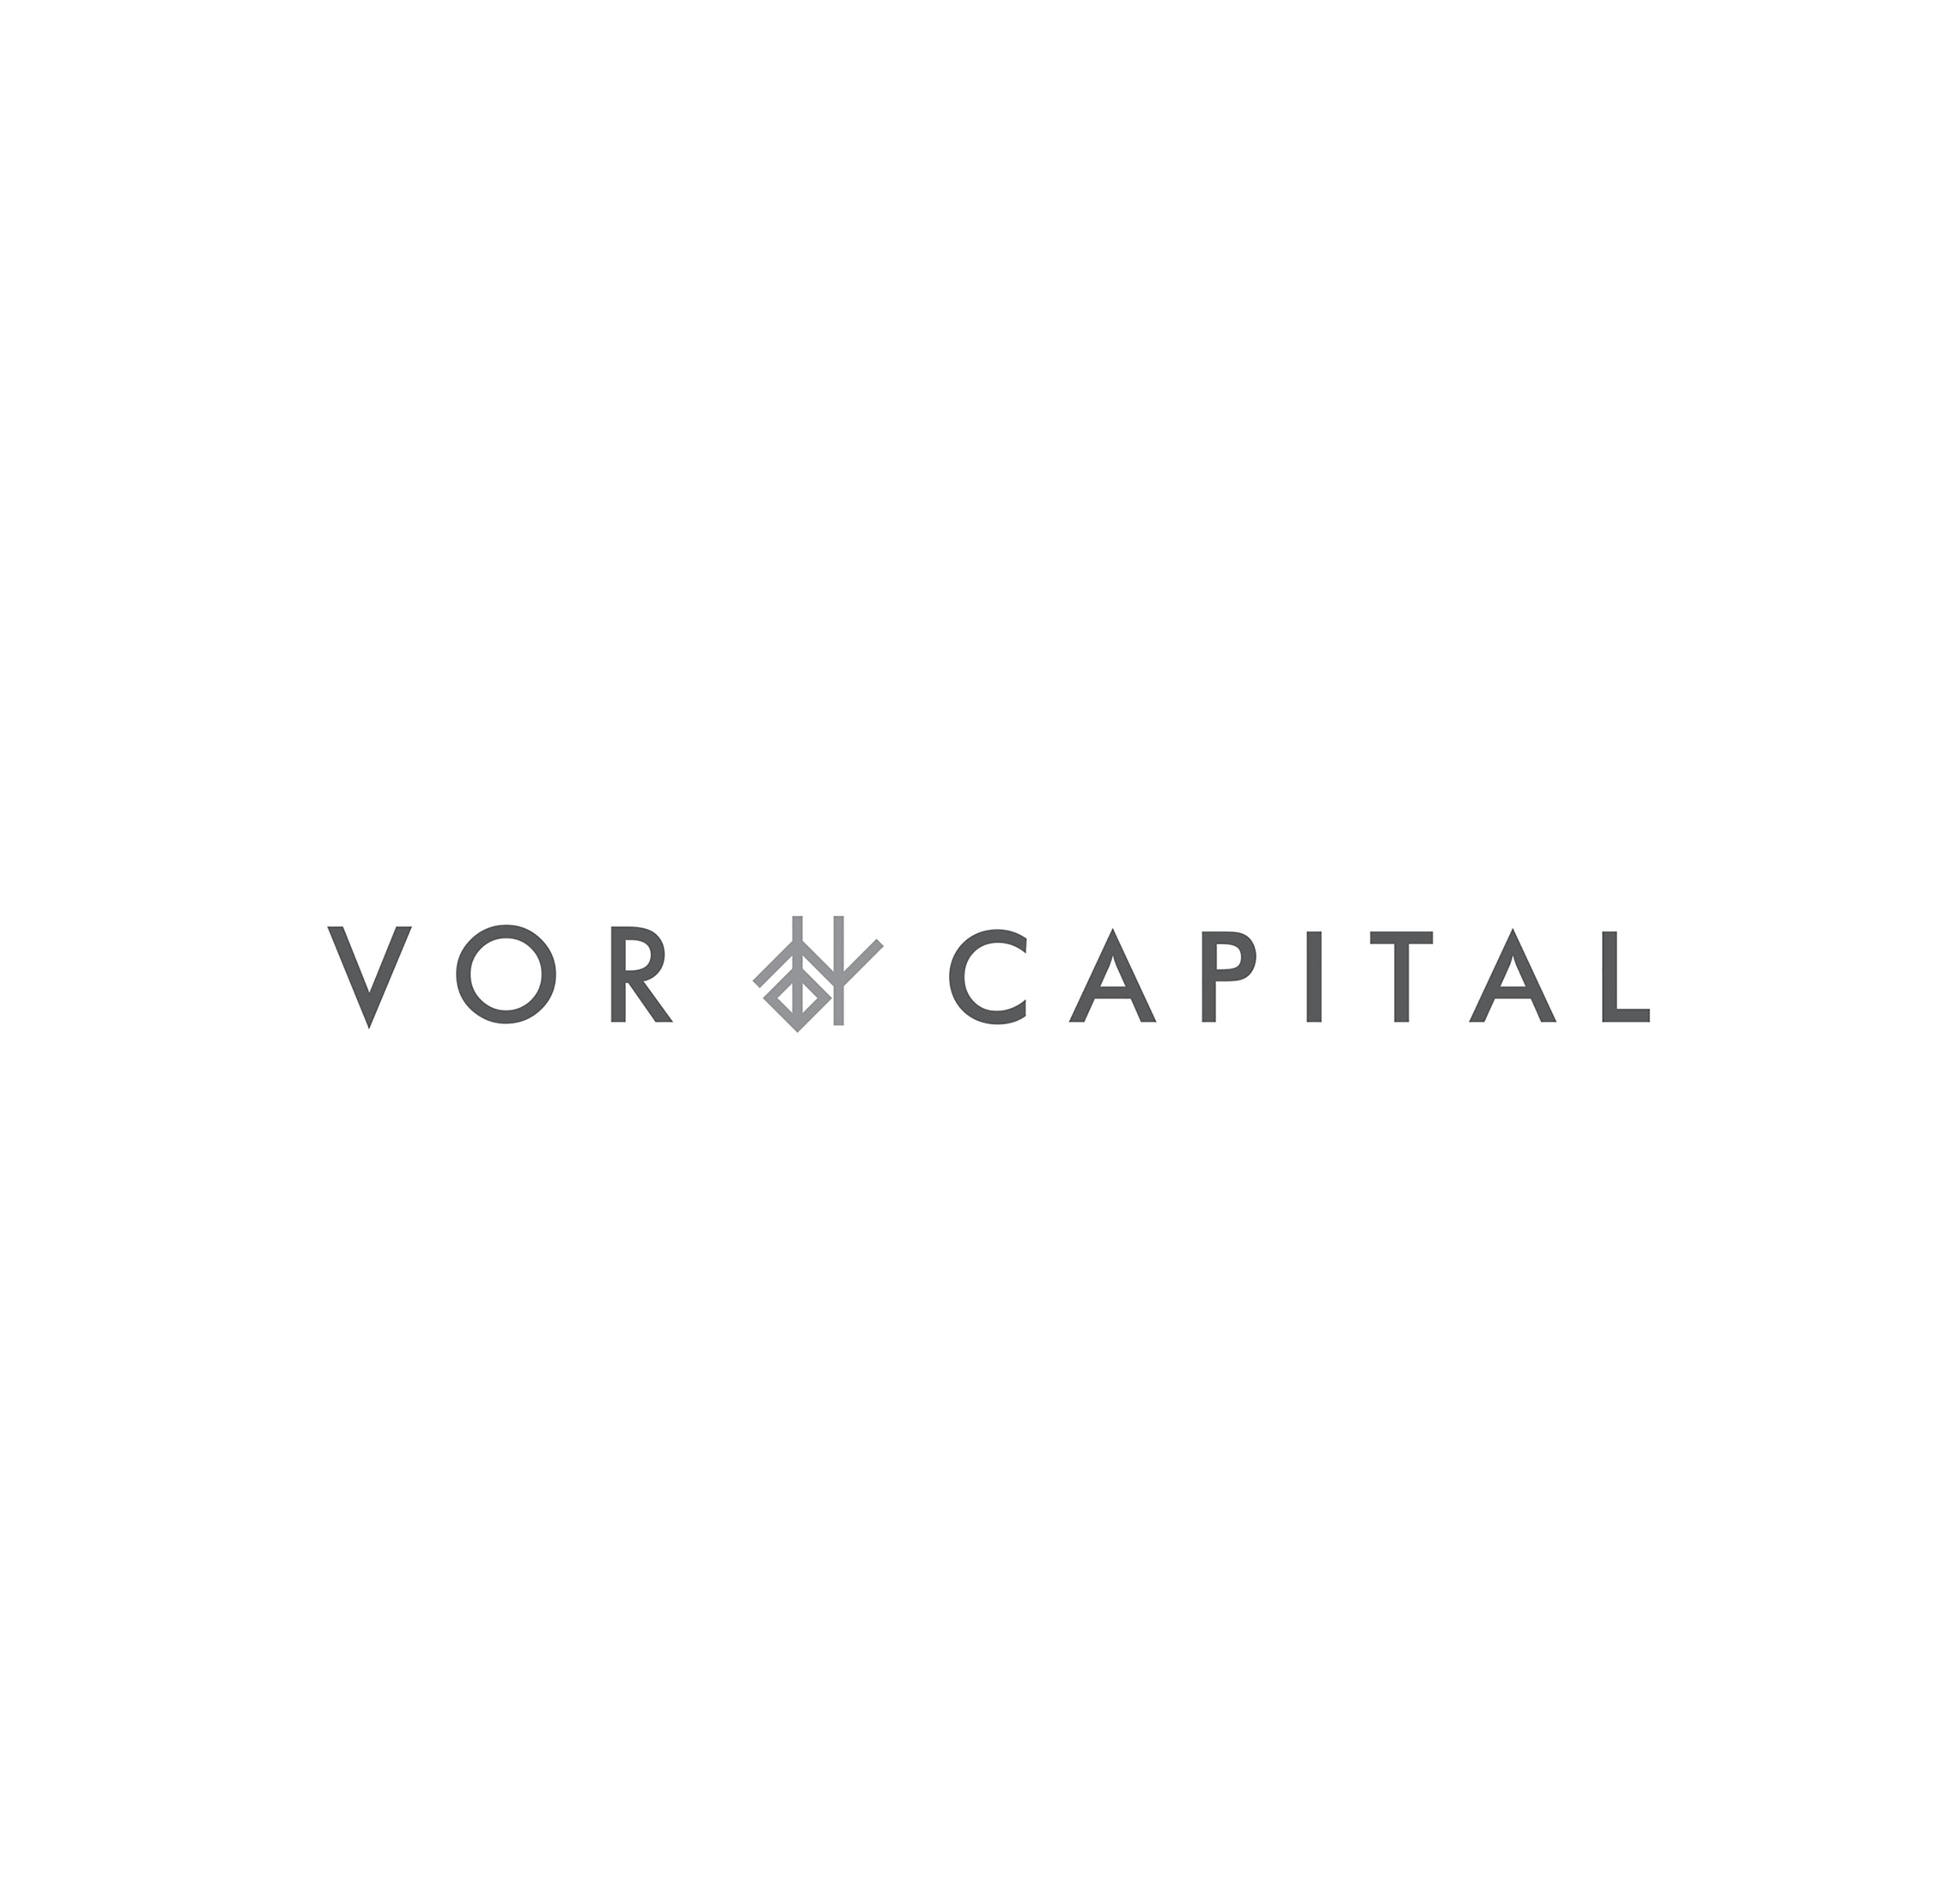 vorcapital_hor update 2.png